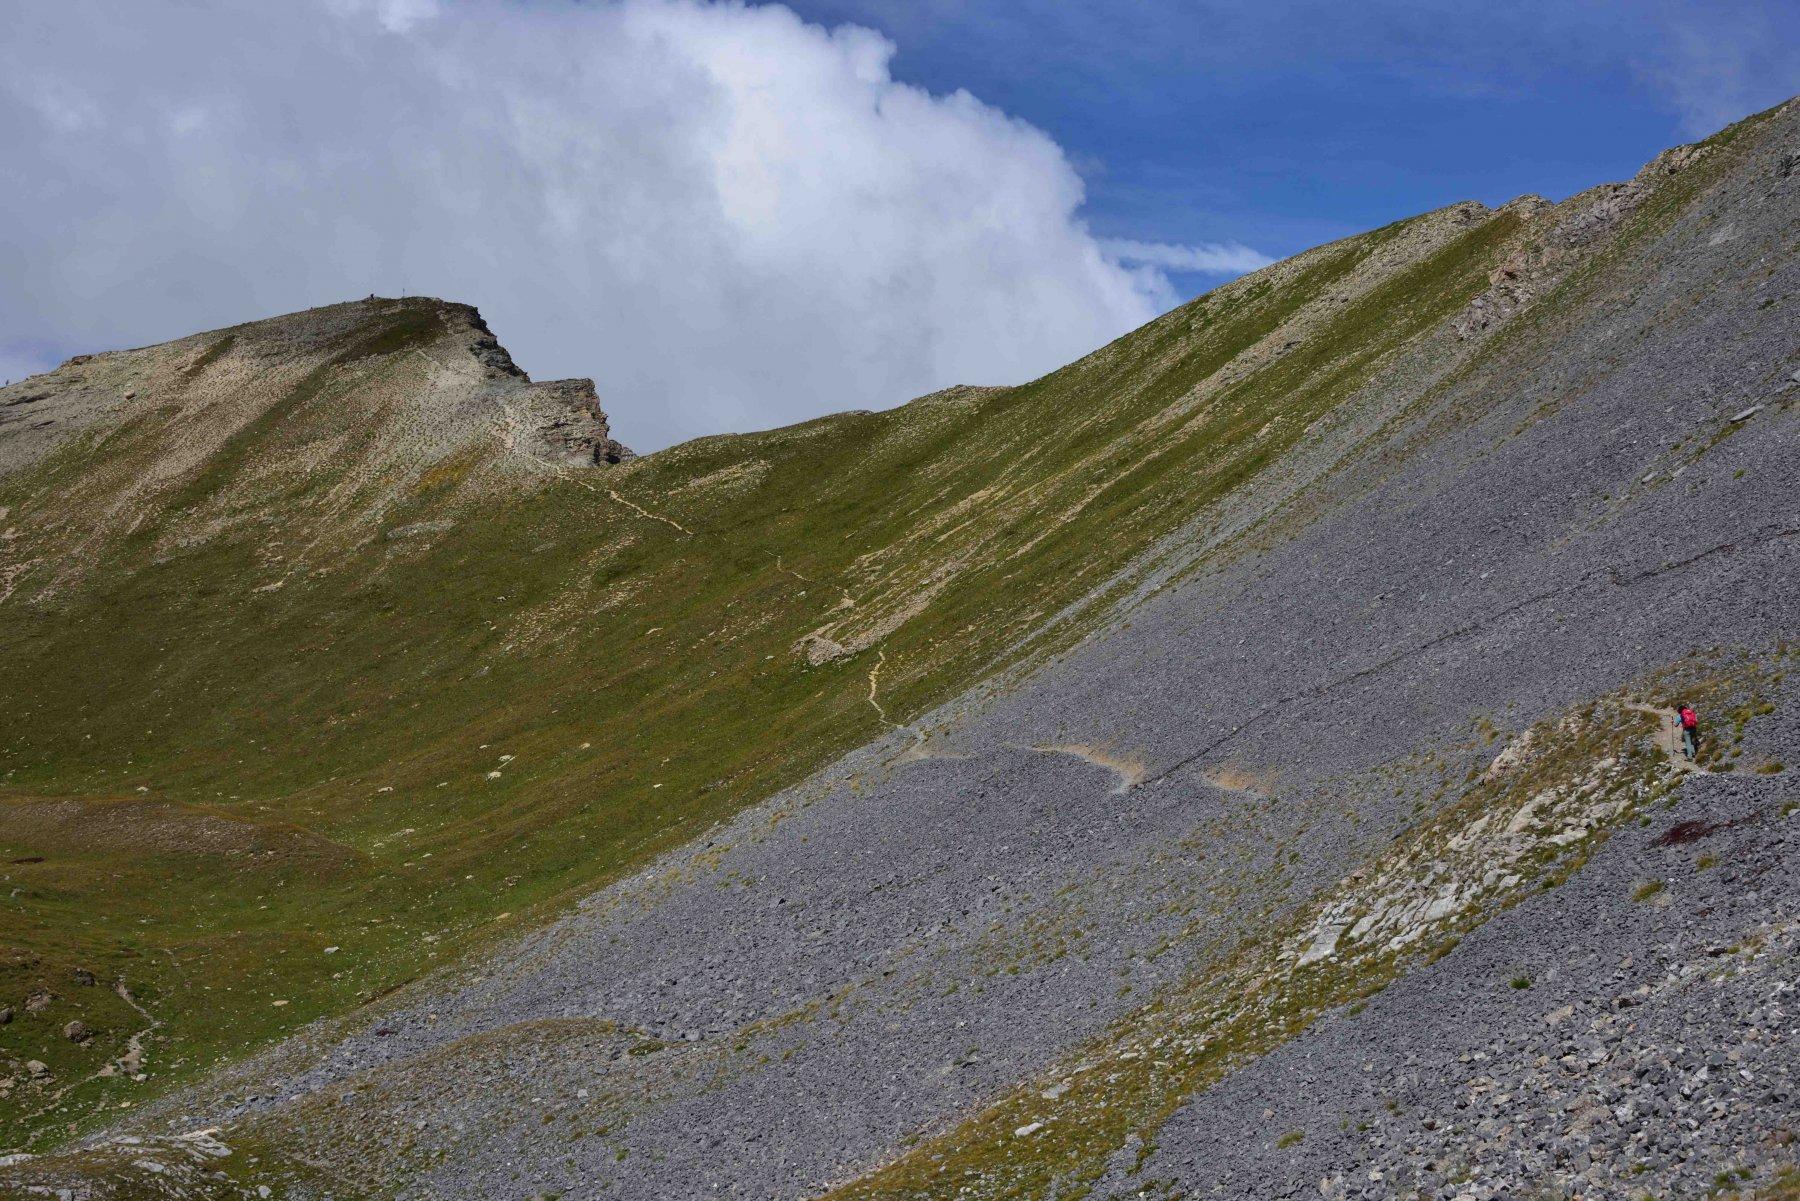 La traccia che sale alla vetta del monte Soubeyran.